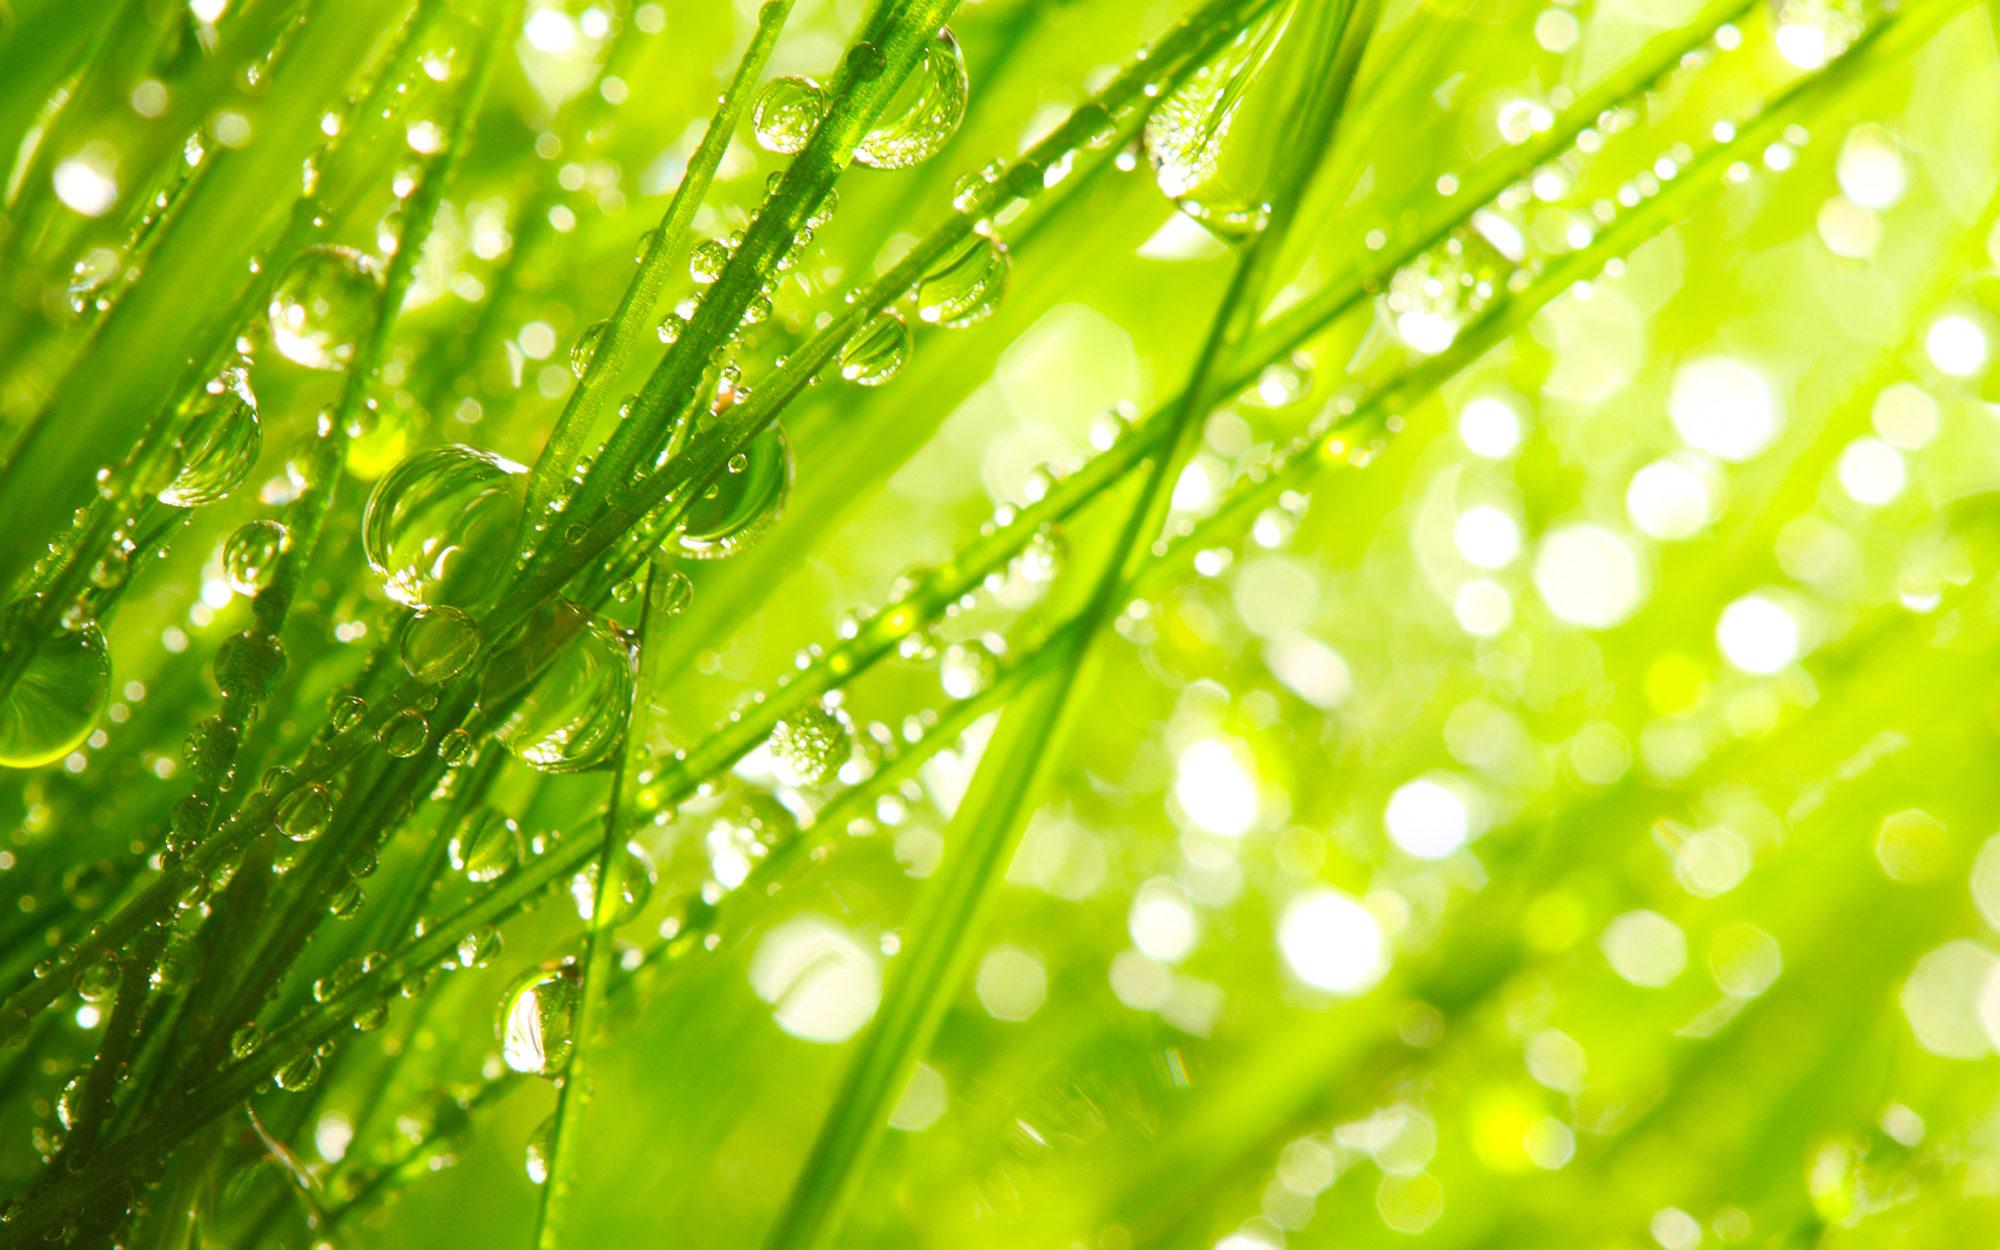 14 травня синоптики обіцяють на Київщині дощі та грози - погода - 1405 pogoda1 2000x1250